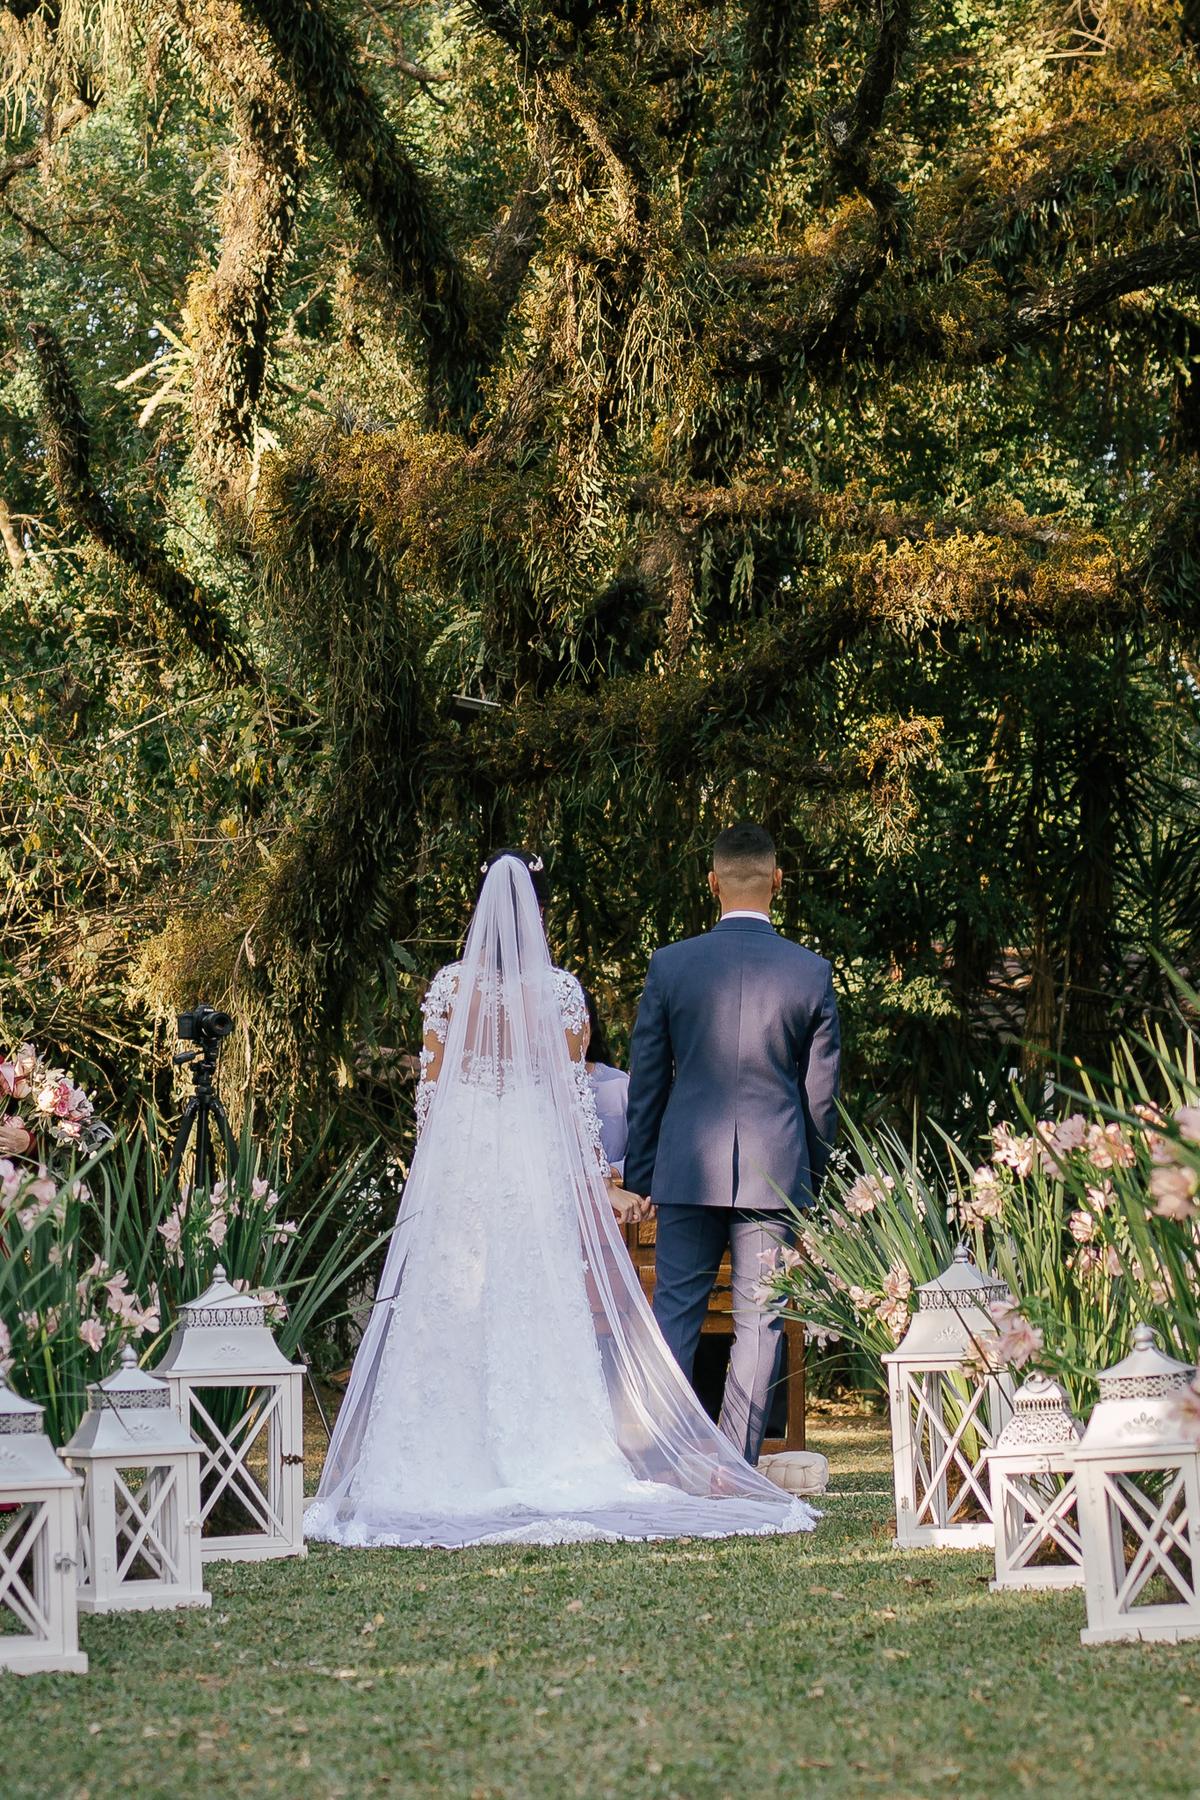 noiva e noivo com corredor de vasos baixo casamento campo linda arvore